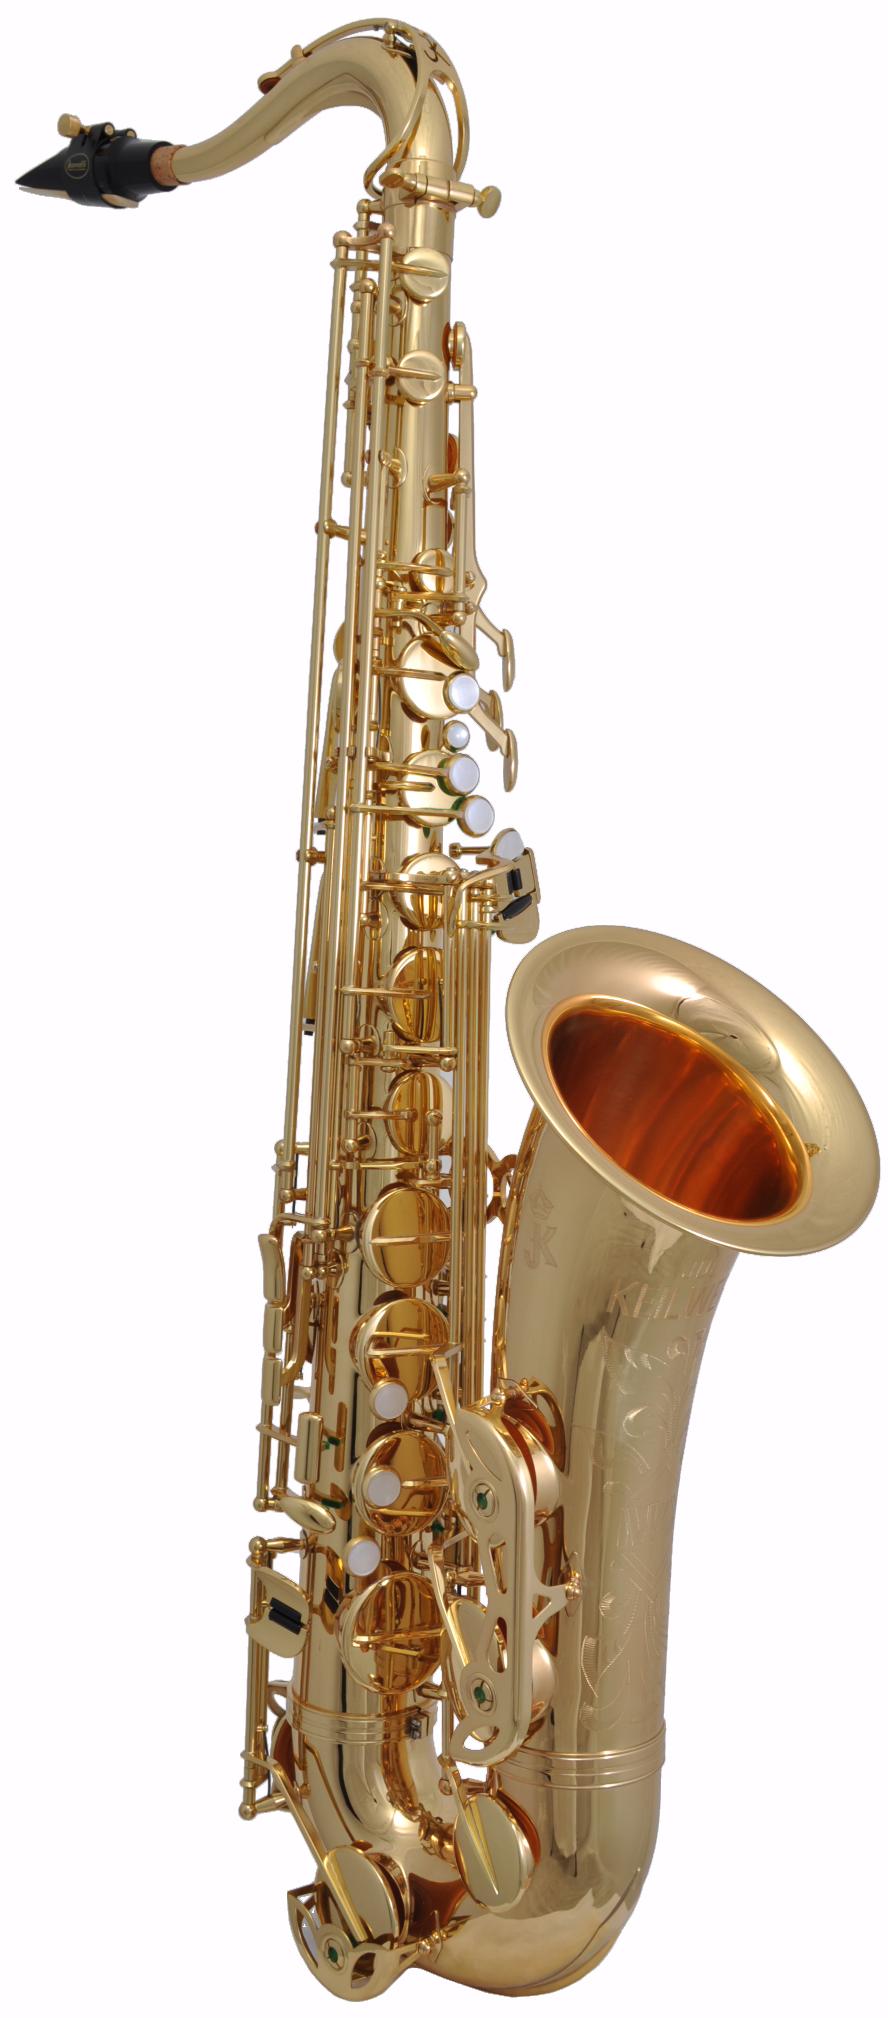 Keilwerth, Julius - JK-3000-8-9 MKX - Holzblasinstrumente - Saxophone | MUSIK BERTRAM Deutschland Freiburg